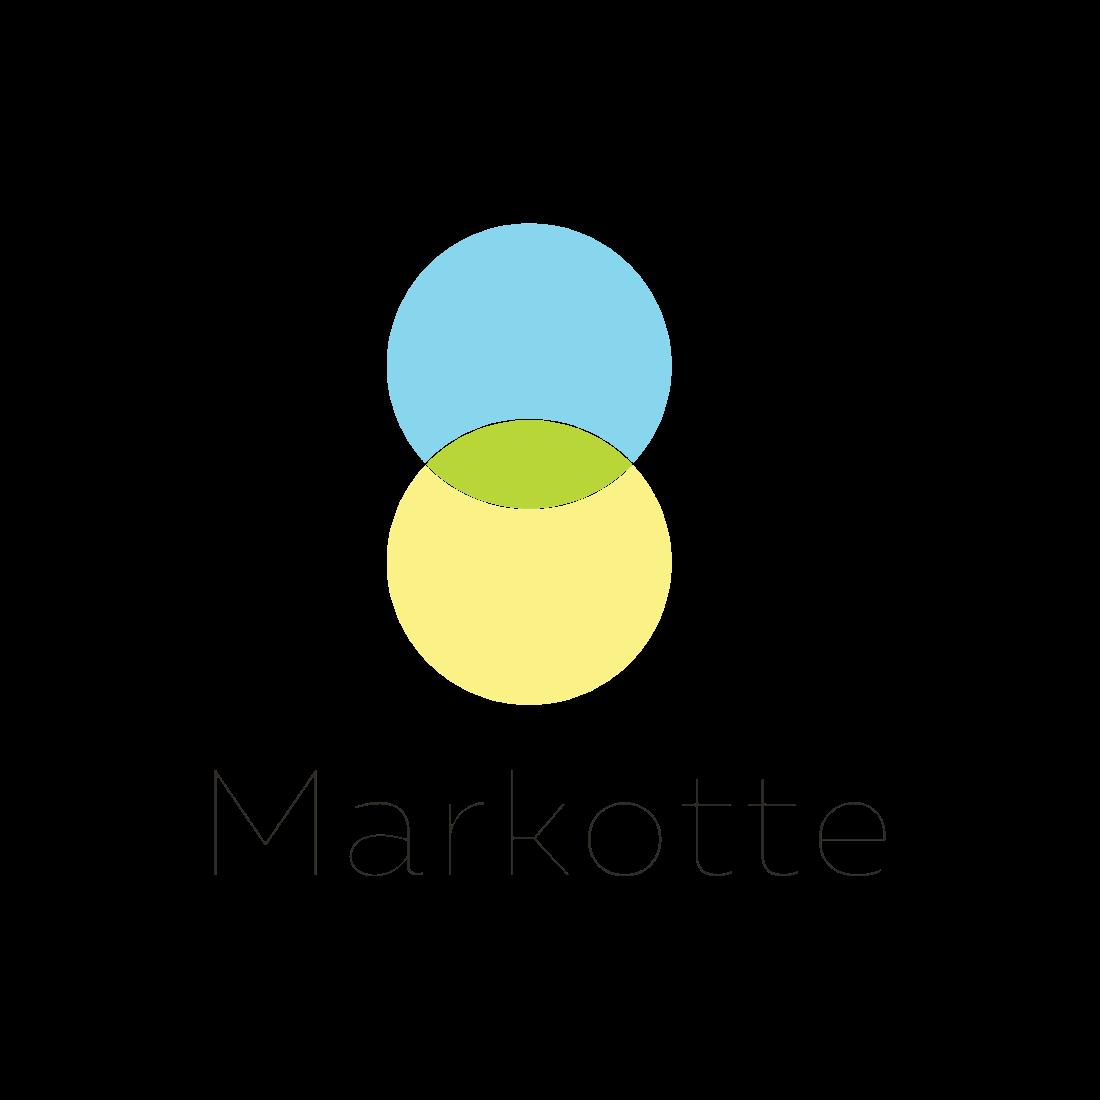 Markotte